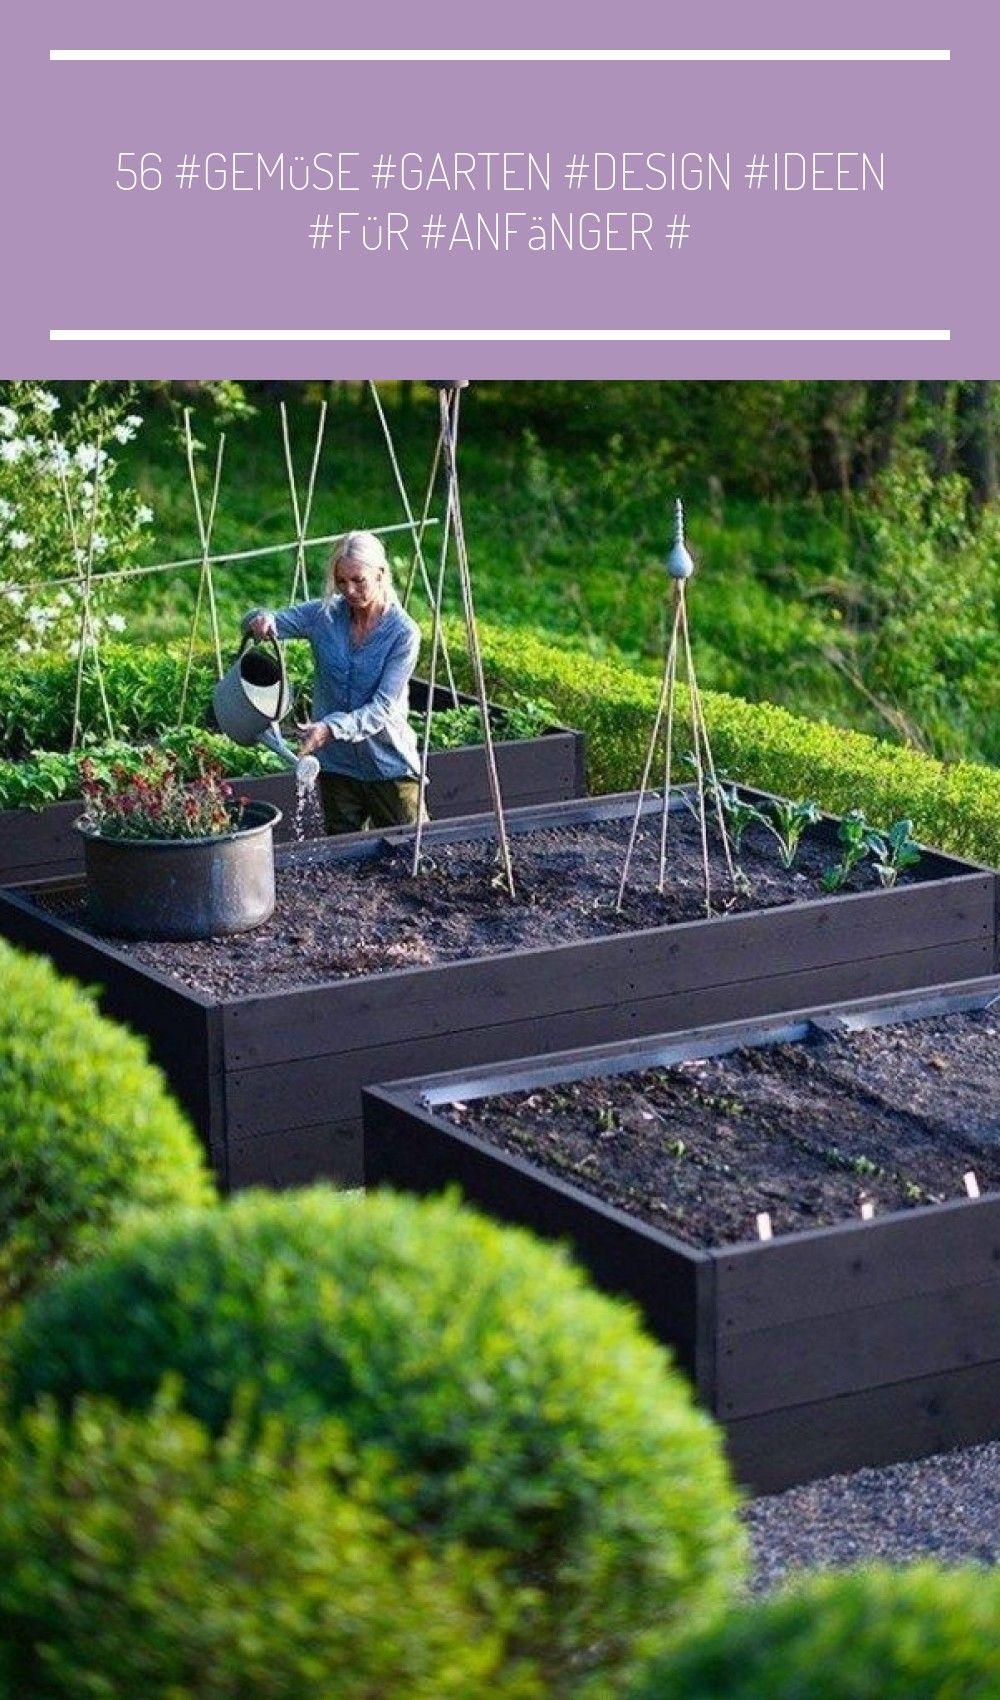 56 Gemuse Garten Design Ideen Fur Anfanger Anfanger Design Garten Gemu Vegetable Garden For Beginners Vegetable Garden Design Backyard Landscaping